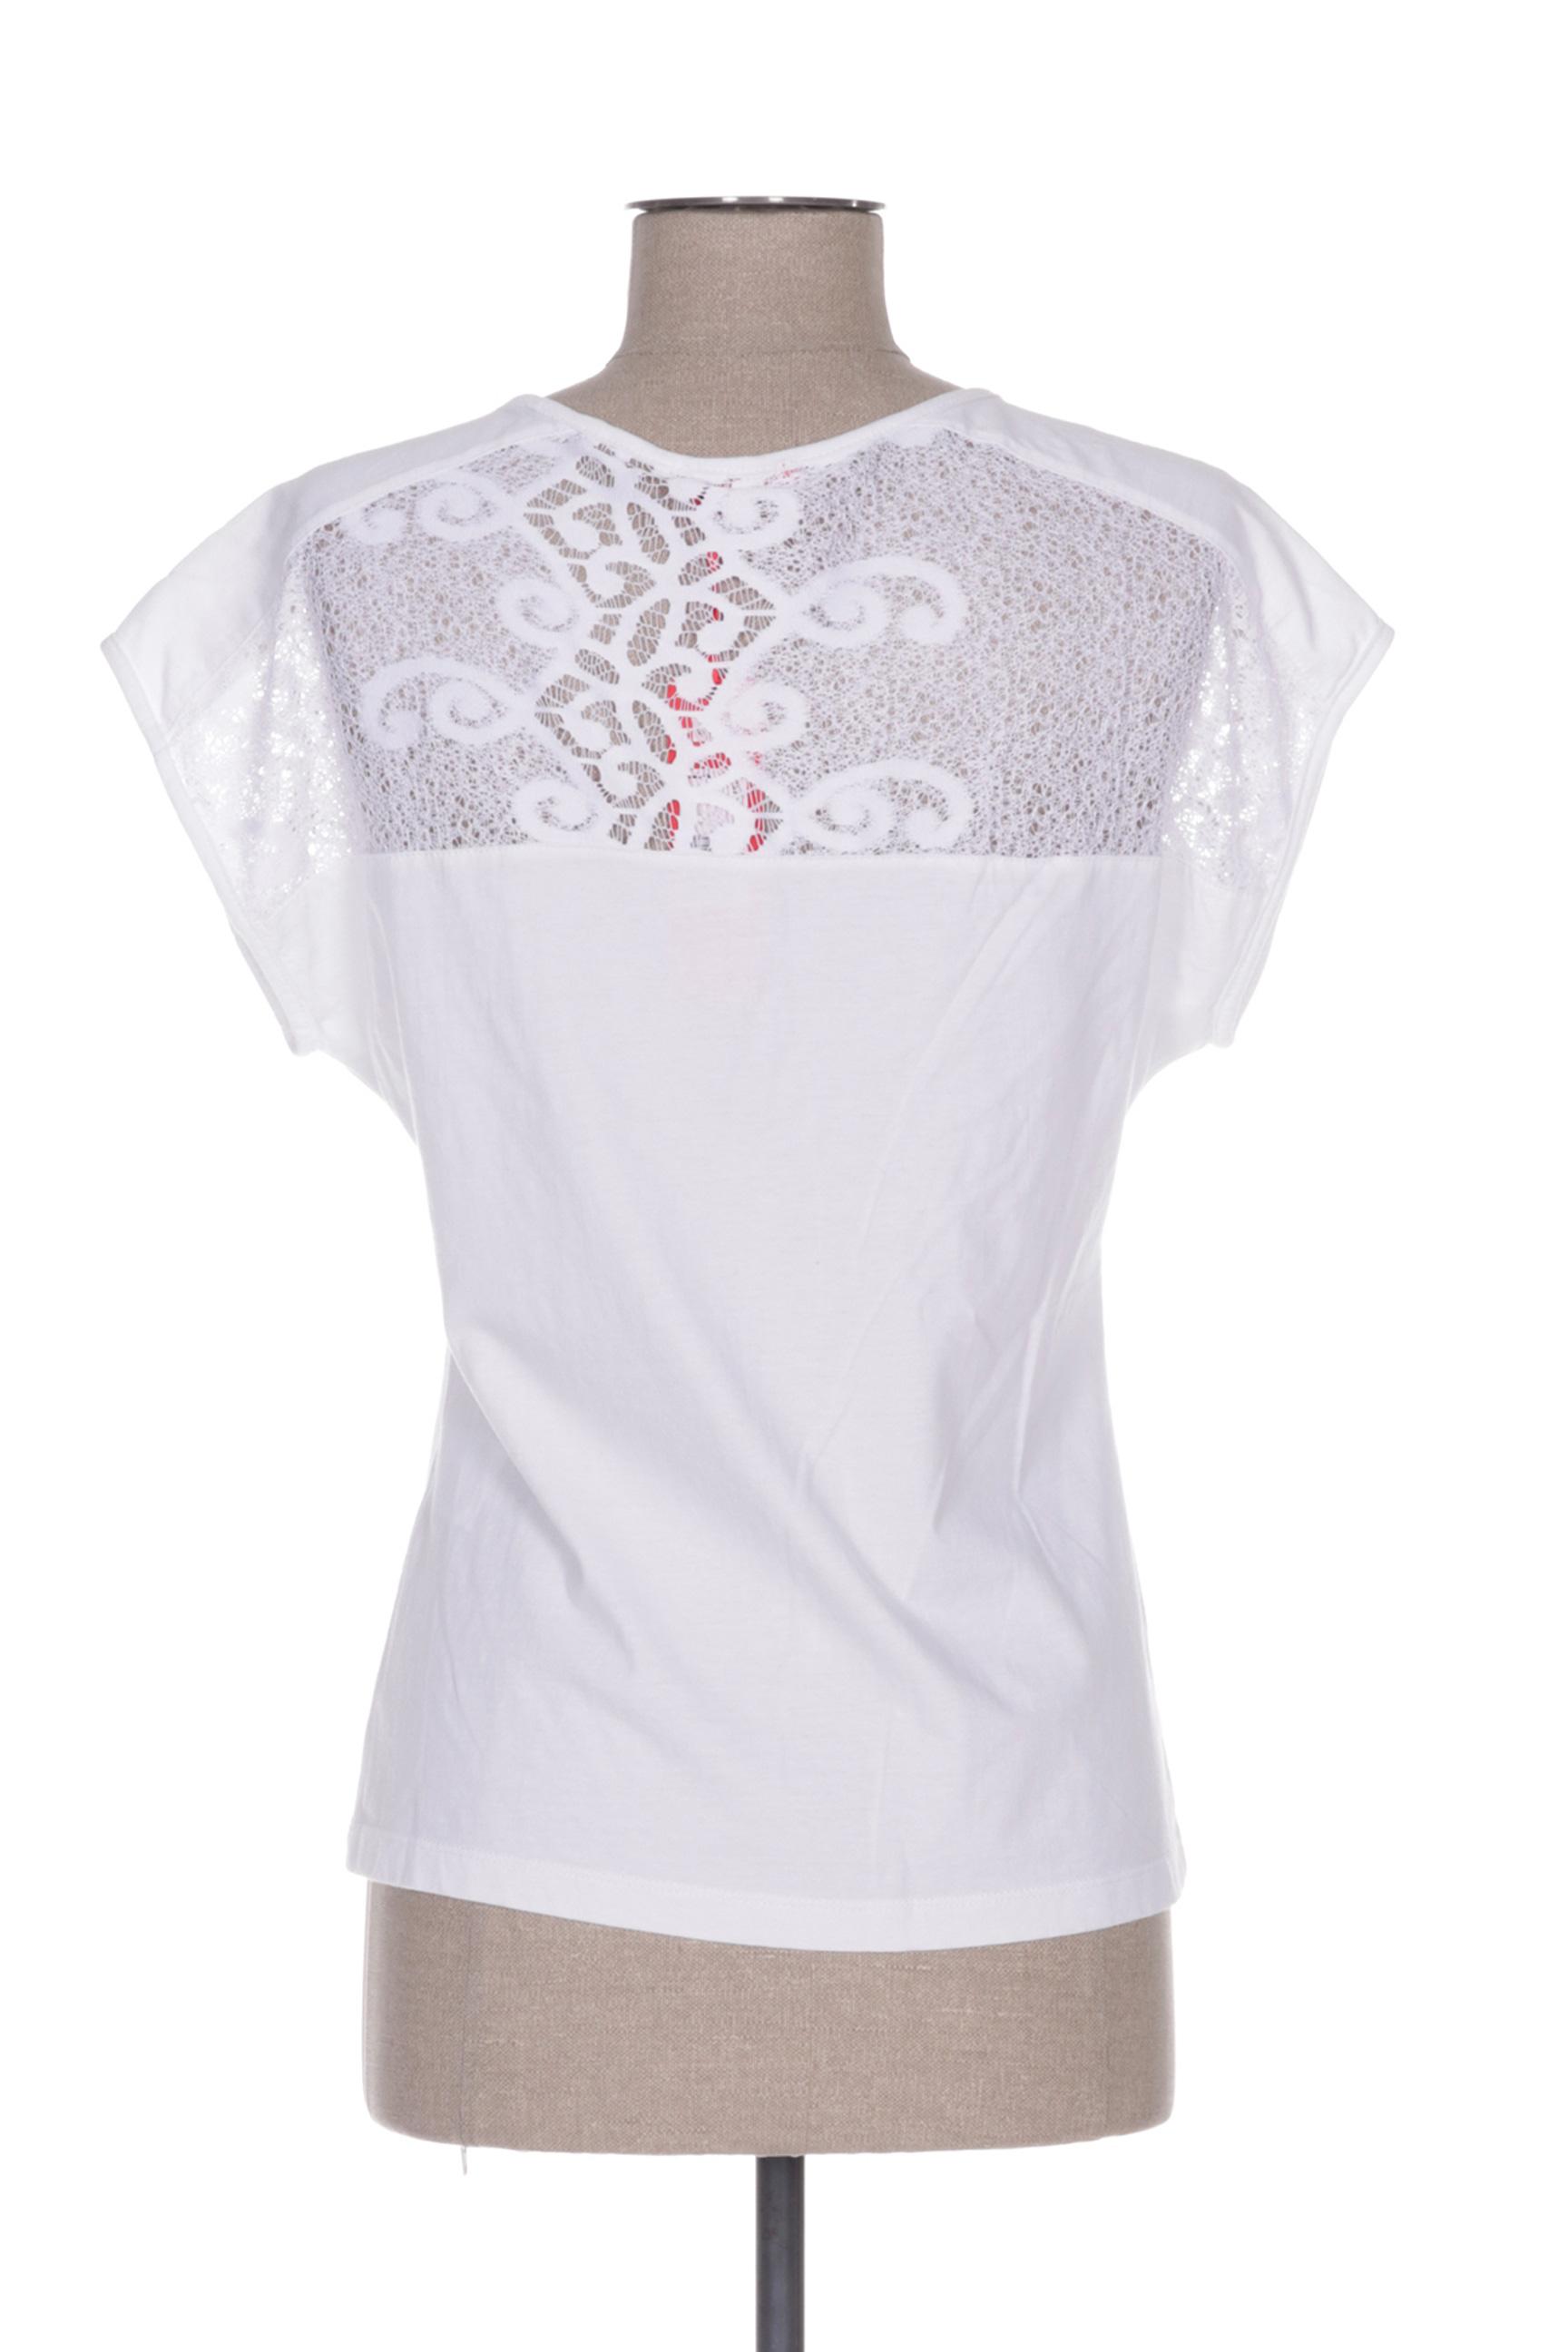 Felino Manches Courtes 1 Femme De Couleur Blanc En Soldes Pas Cher 1435264-blanc0